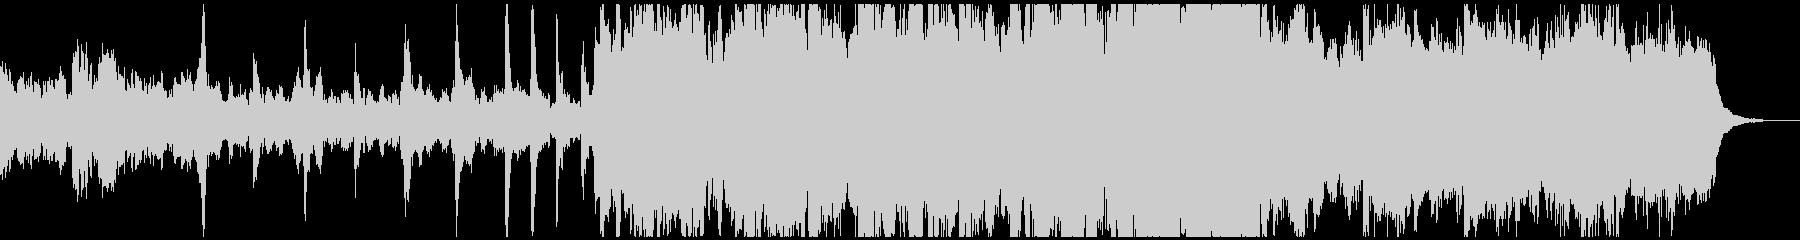 ベルと木管が主体の優しい曲の未再生の波形